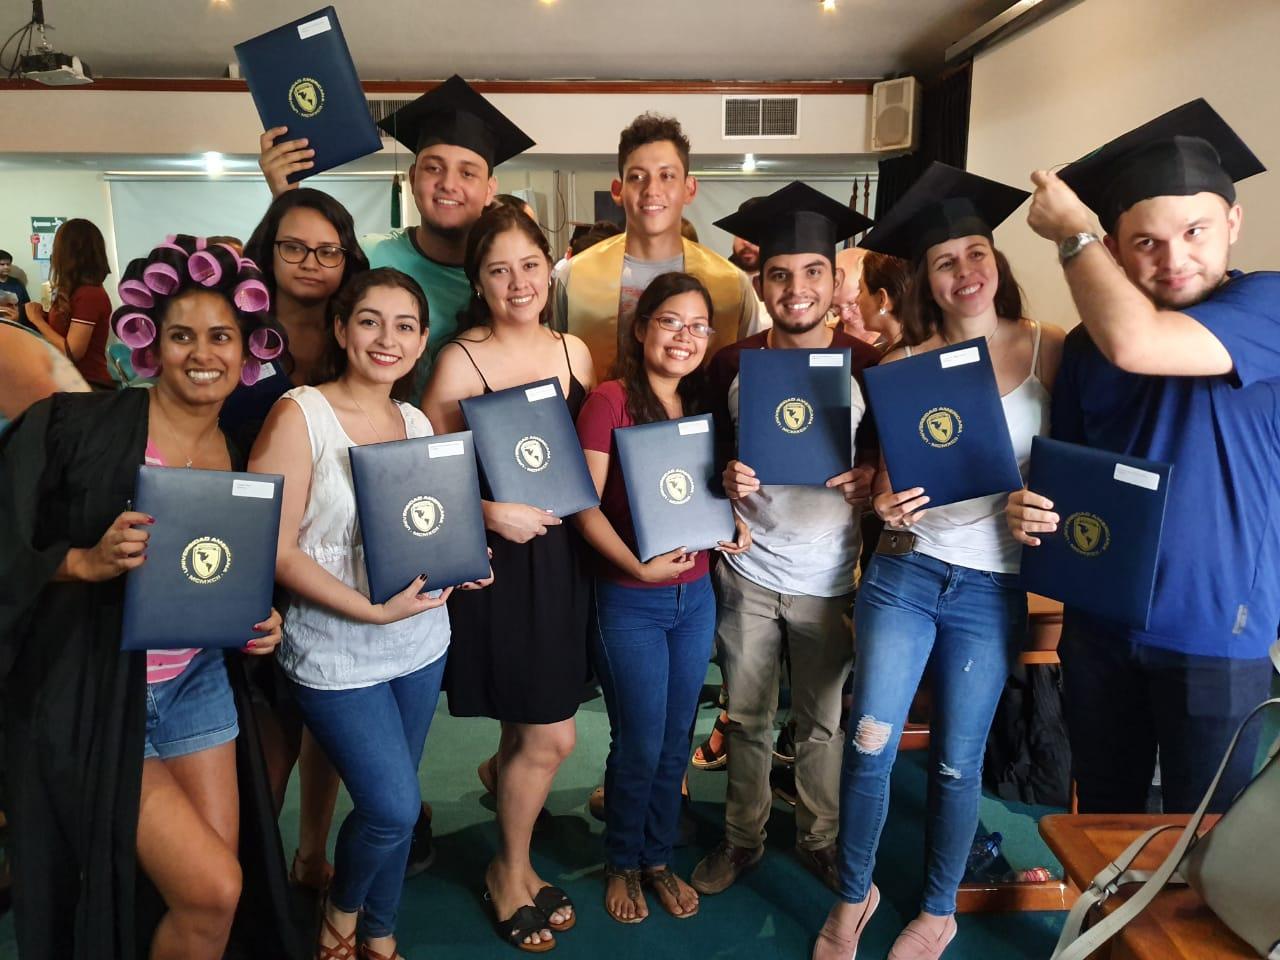 """Estudiantes de Medicina muestran sus títulos recibidos en una ceremonia """"especial"""". Foto: Álvaro Navarro / Artículo 66"""